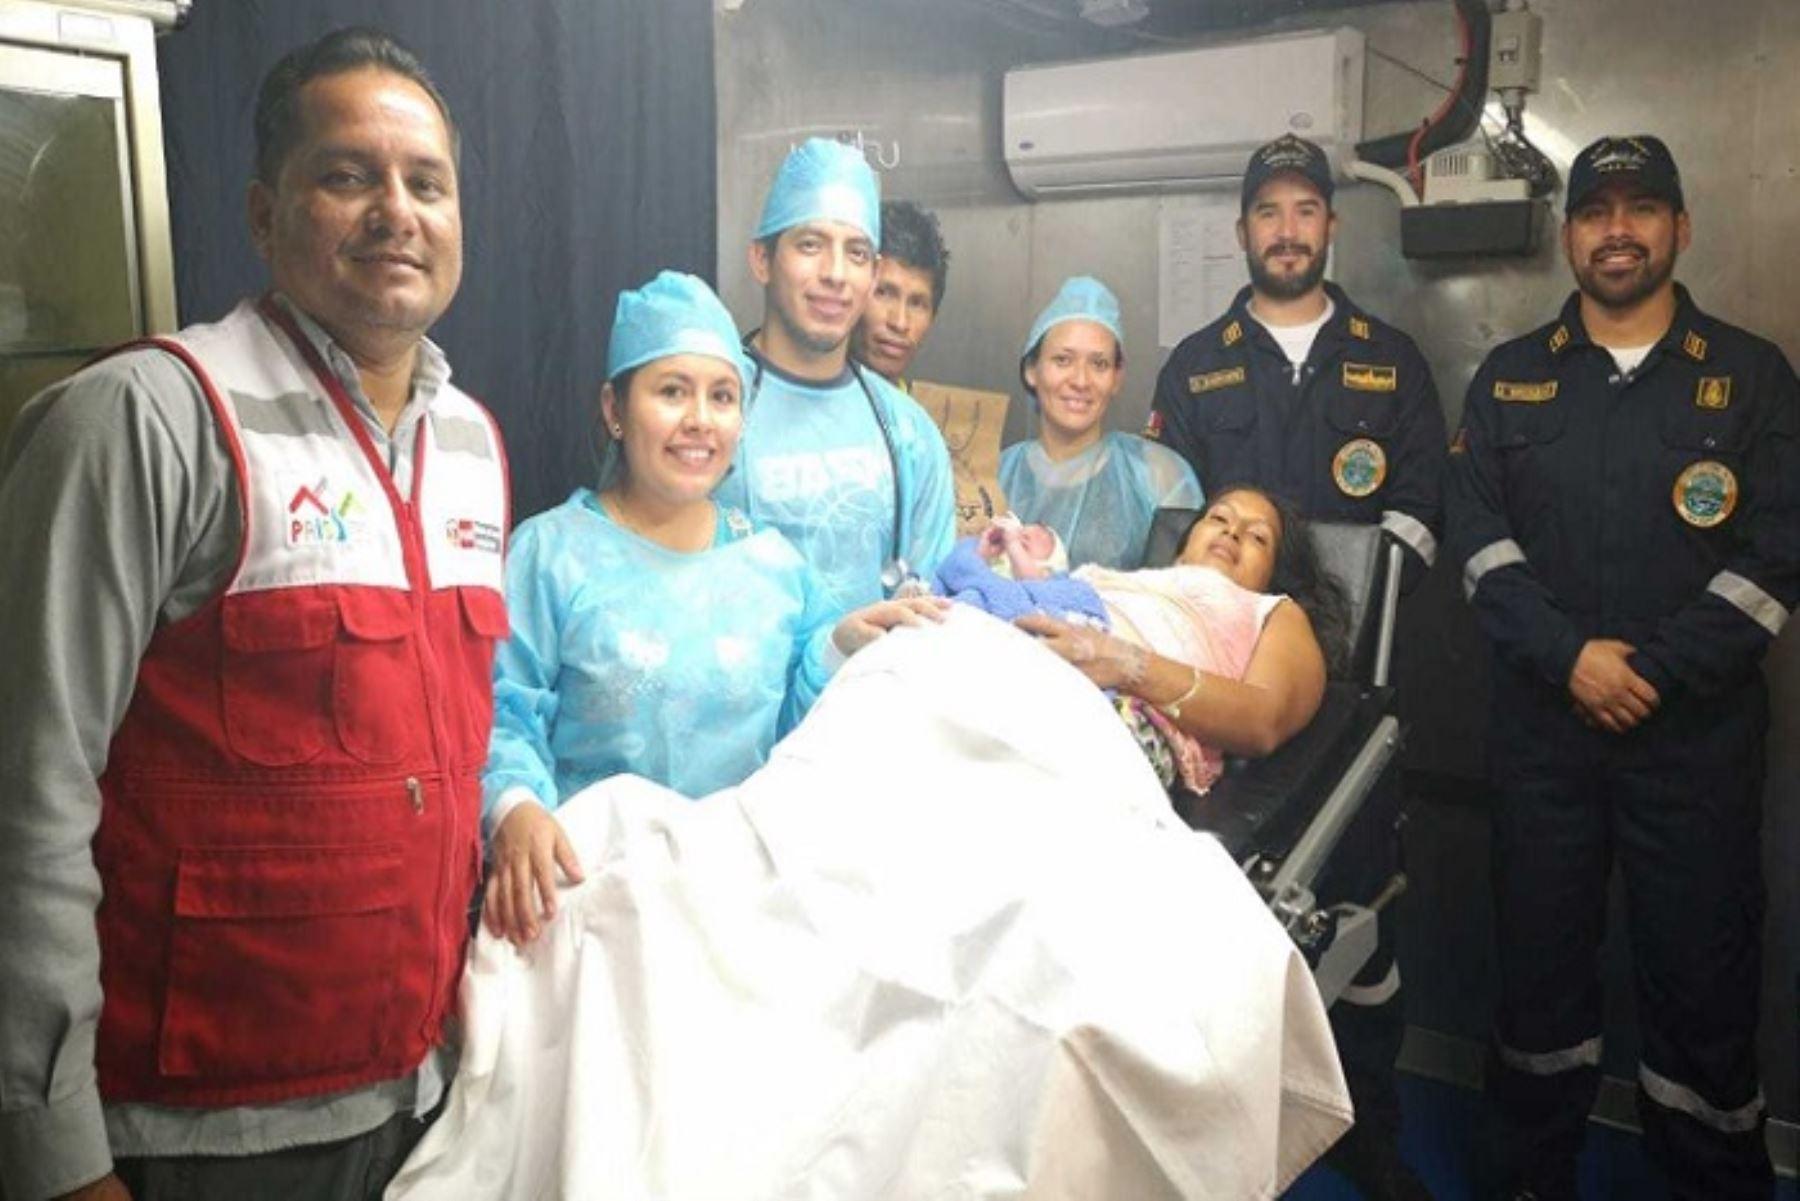 Gisbert que nació en las PIAS Napo del Programa Nacional PAIS, es el segundo bebé en llegar a bordo de esta embarcación, la cual se encontraba brindando atención en la comunidad de Negro Urco, distrito Napo, en Loreto.